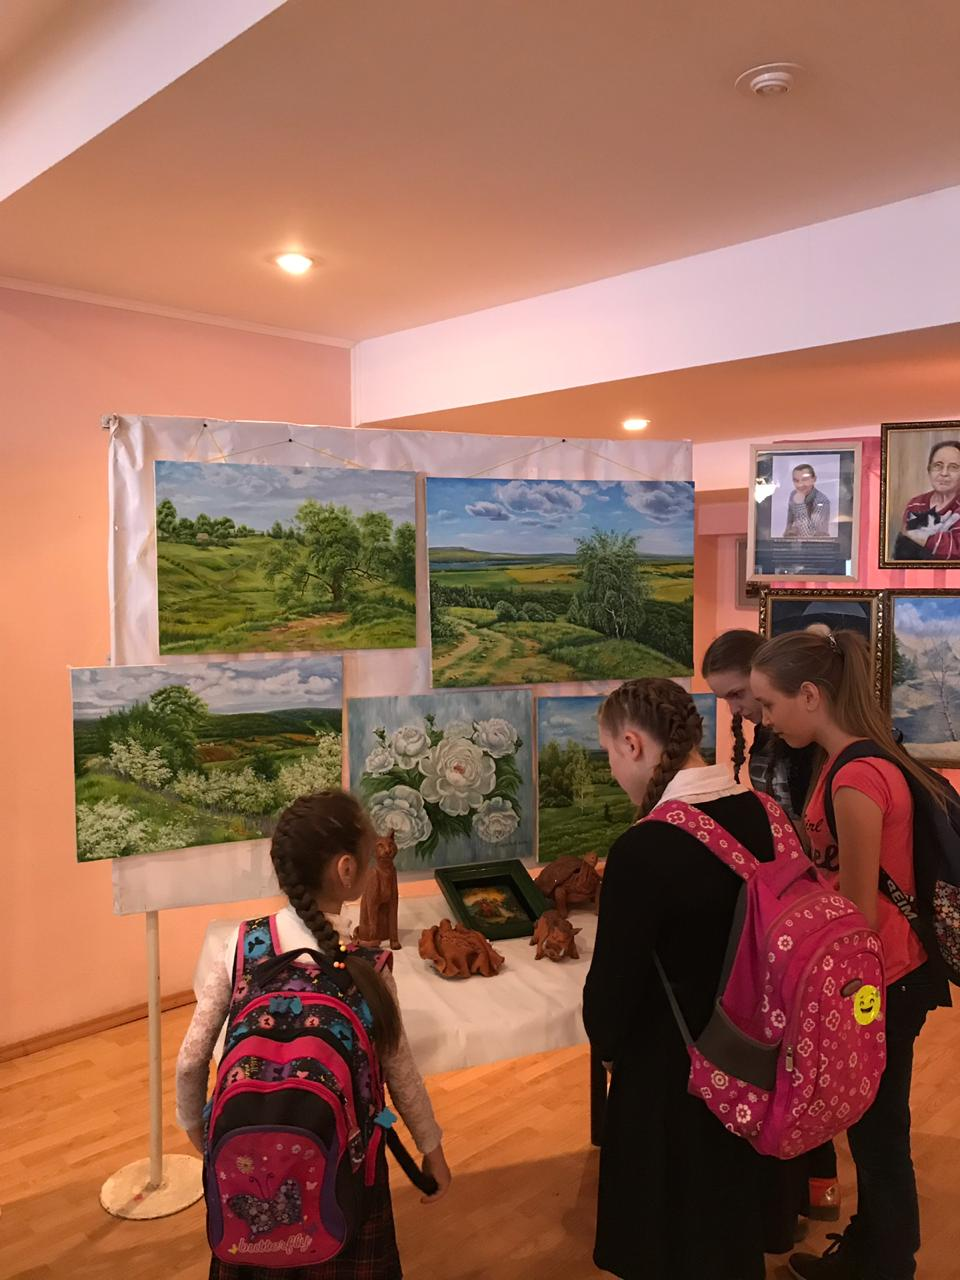 Художественный тур проекта «Любимые художники Башкирии»: выставка художников в Доме культуры г. Дюртюли